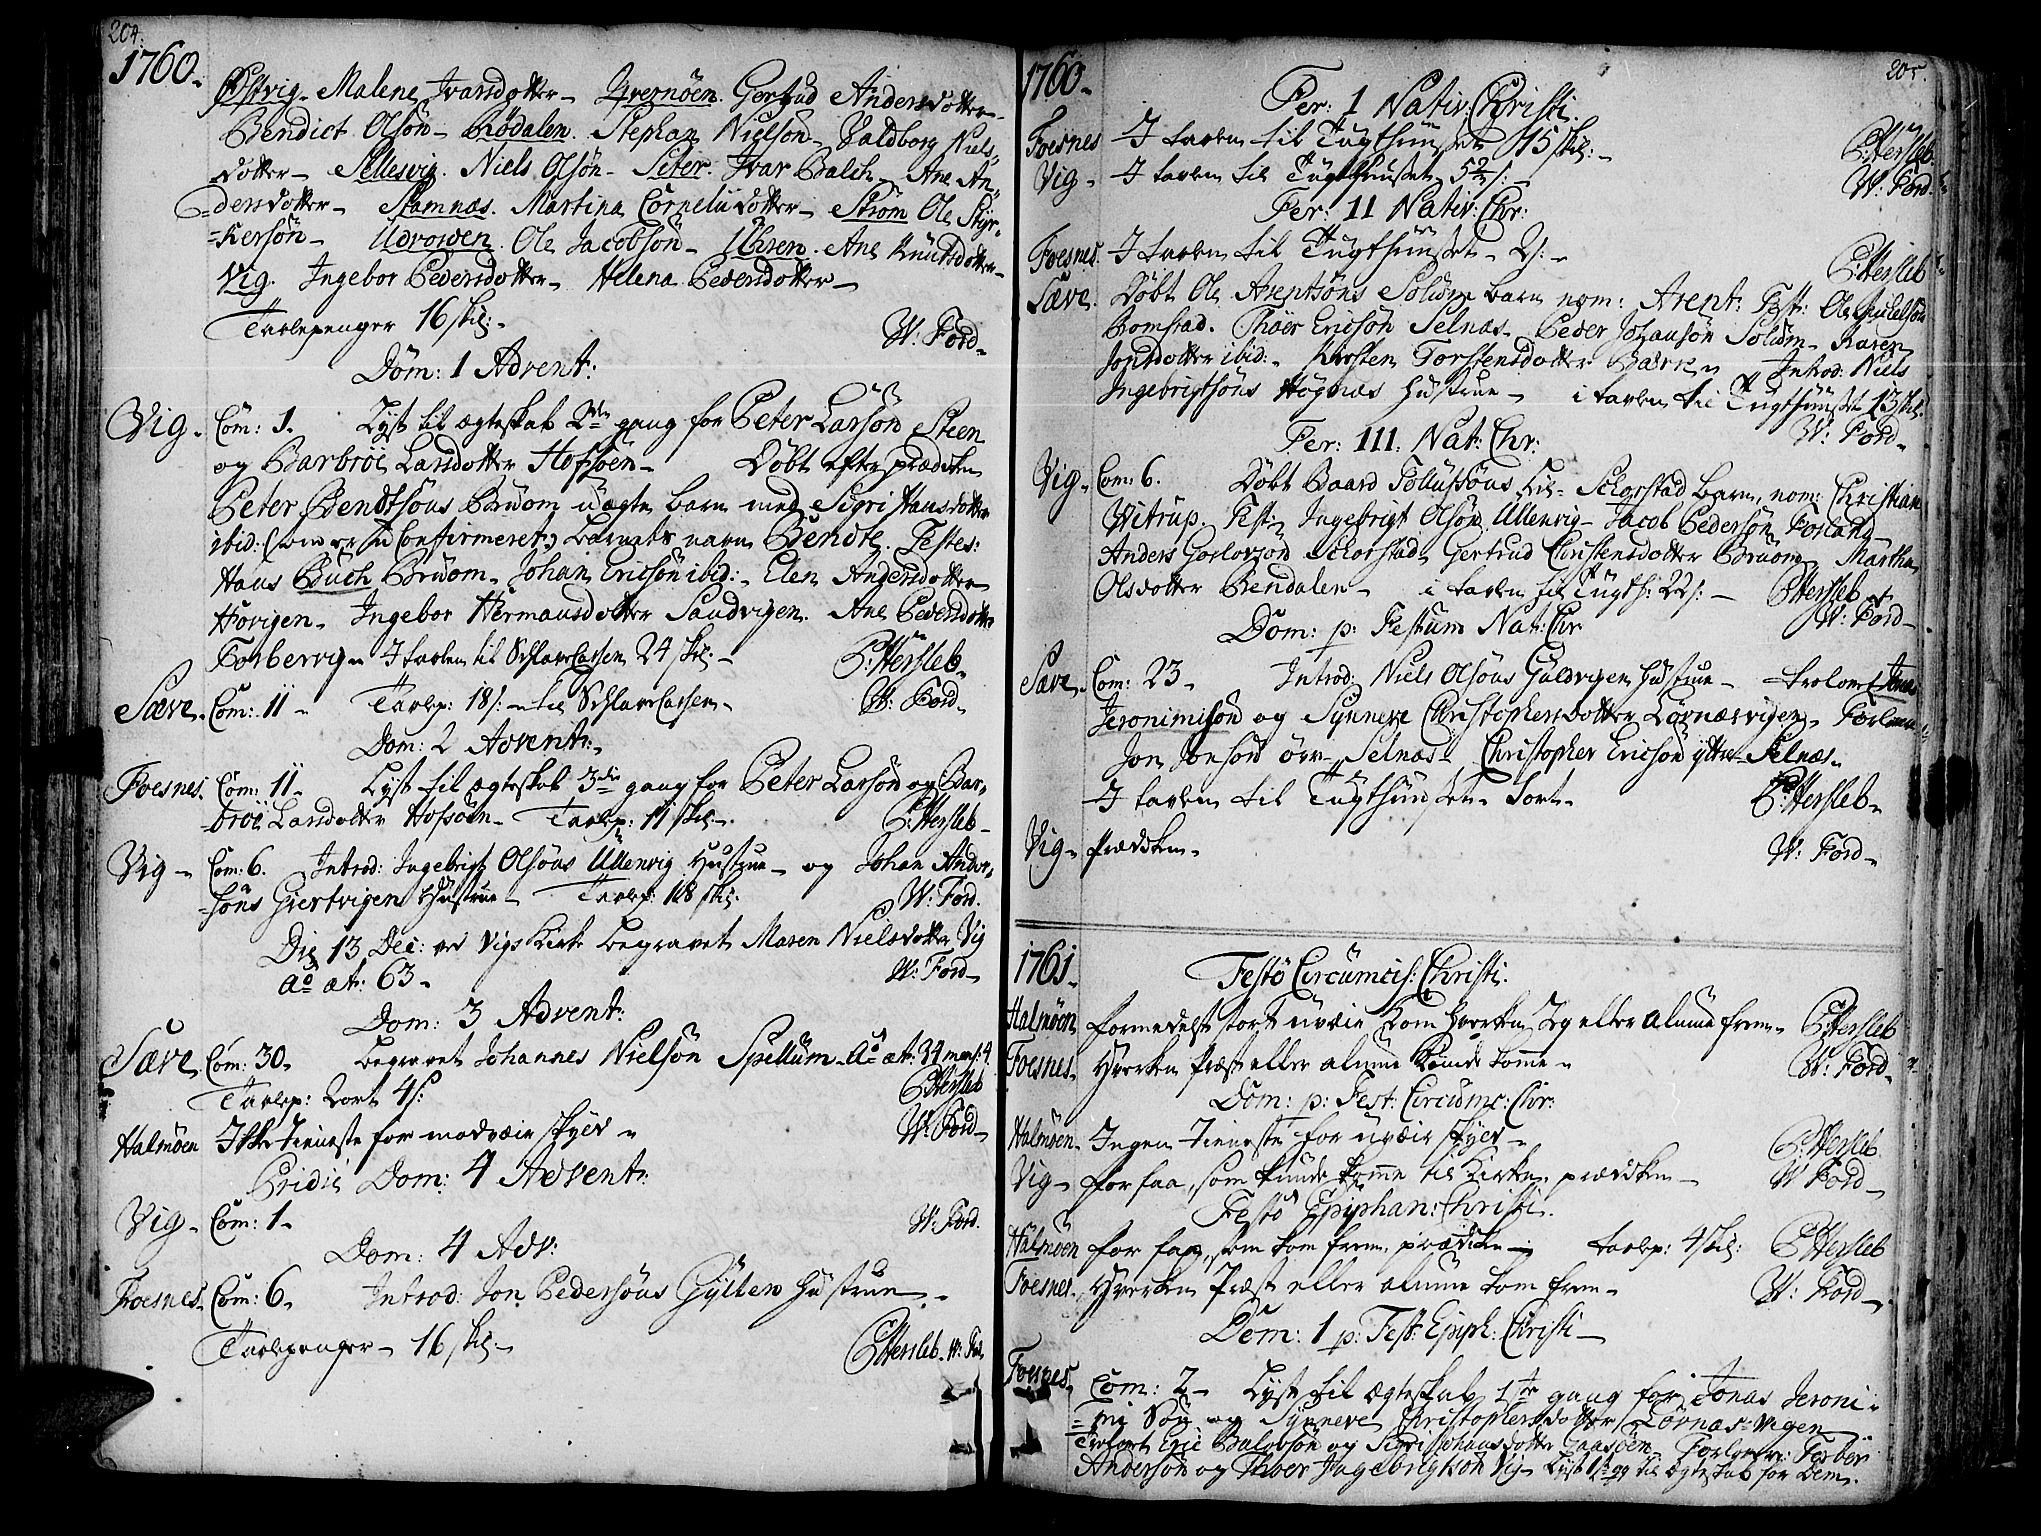 SAT, Ministerialprotokoller, klokkerbøker og fødselsregistre - Nord-Trøndelag, 773/L0607: Ministerialbok nr. 773A01, 1751-1783, s. 204-205